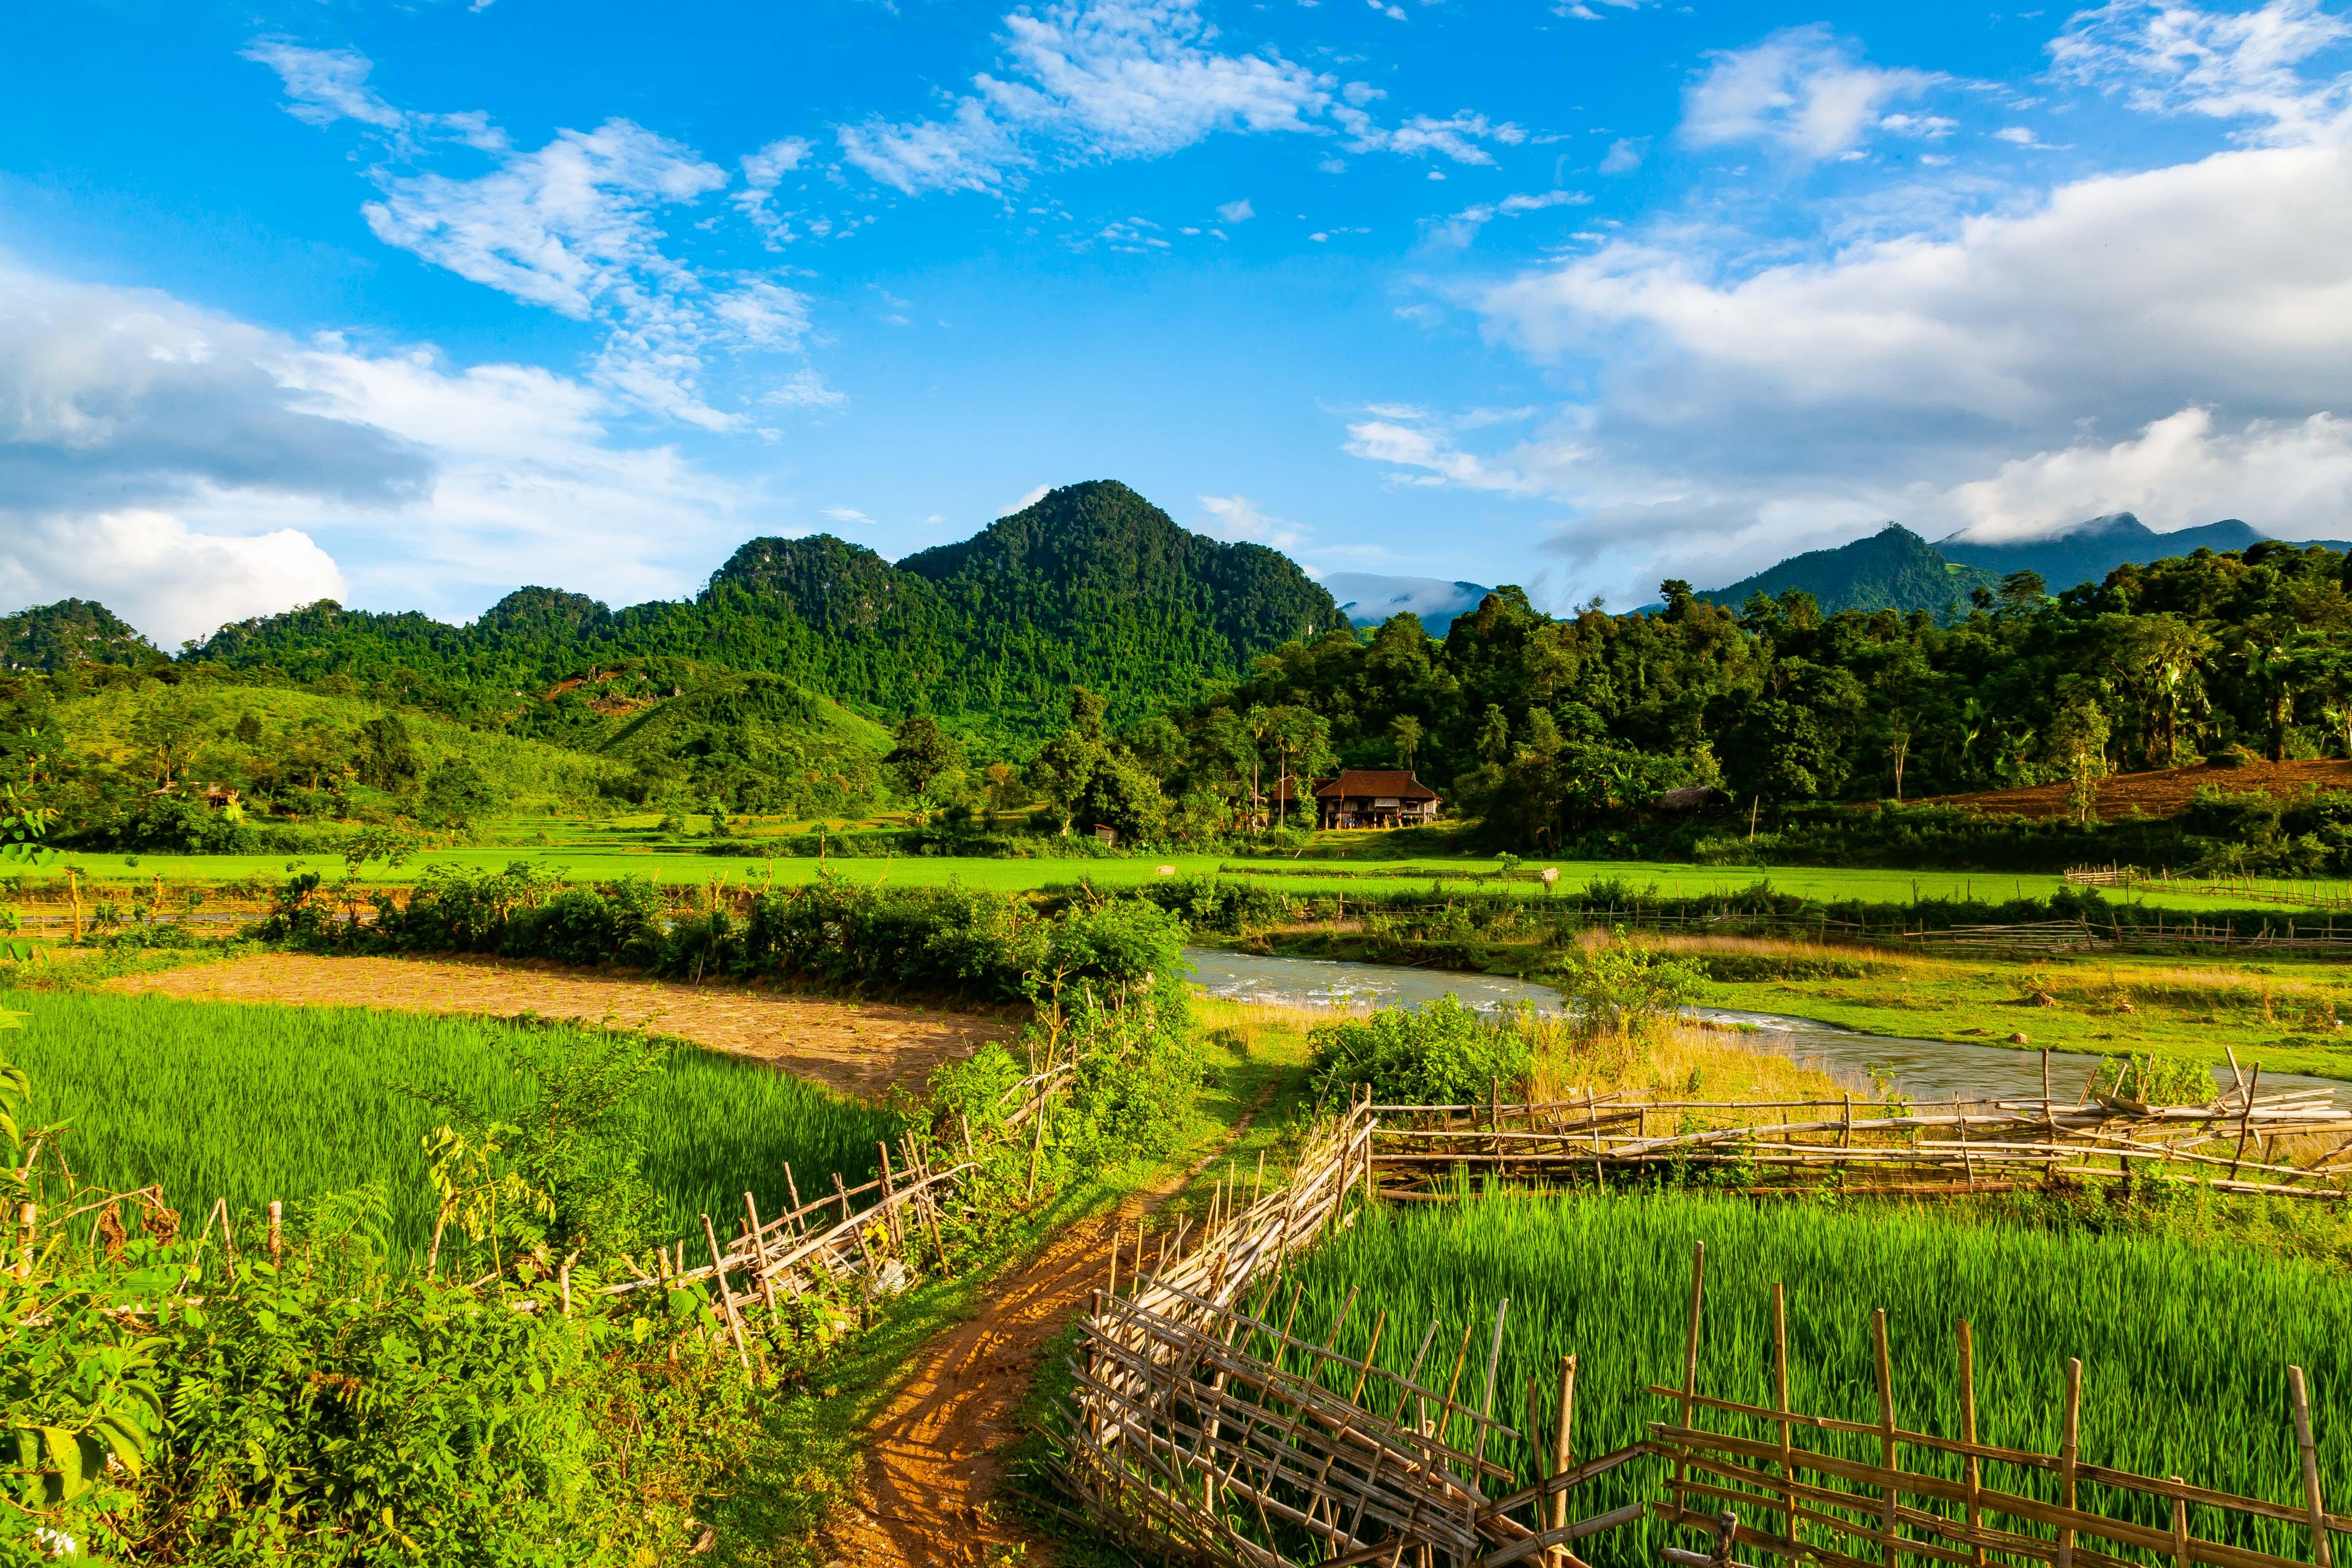 Vietnam, Lao Cai Prov, Path To House, 2008, IMG 8715